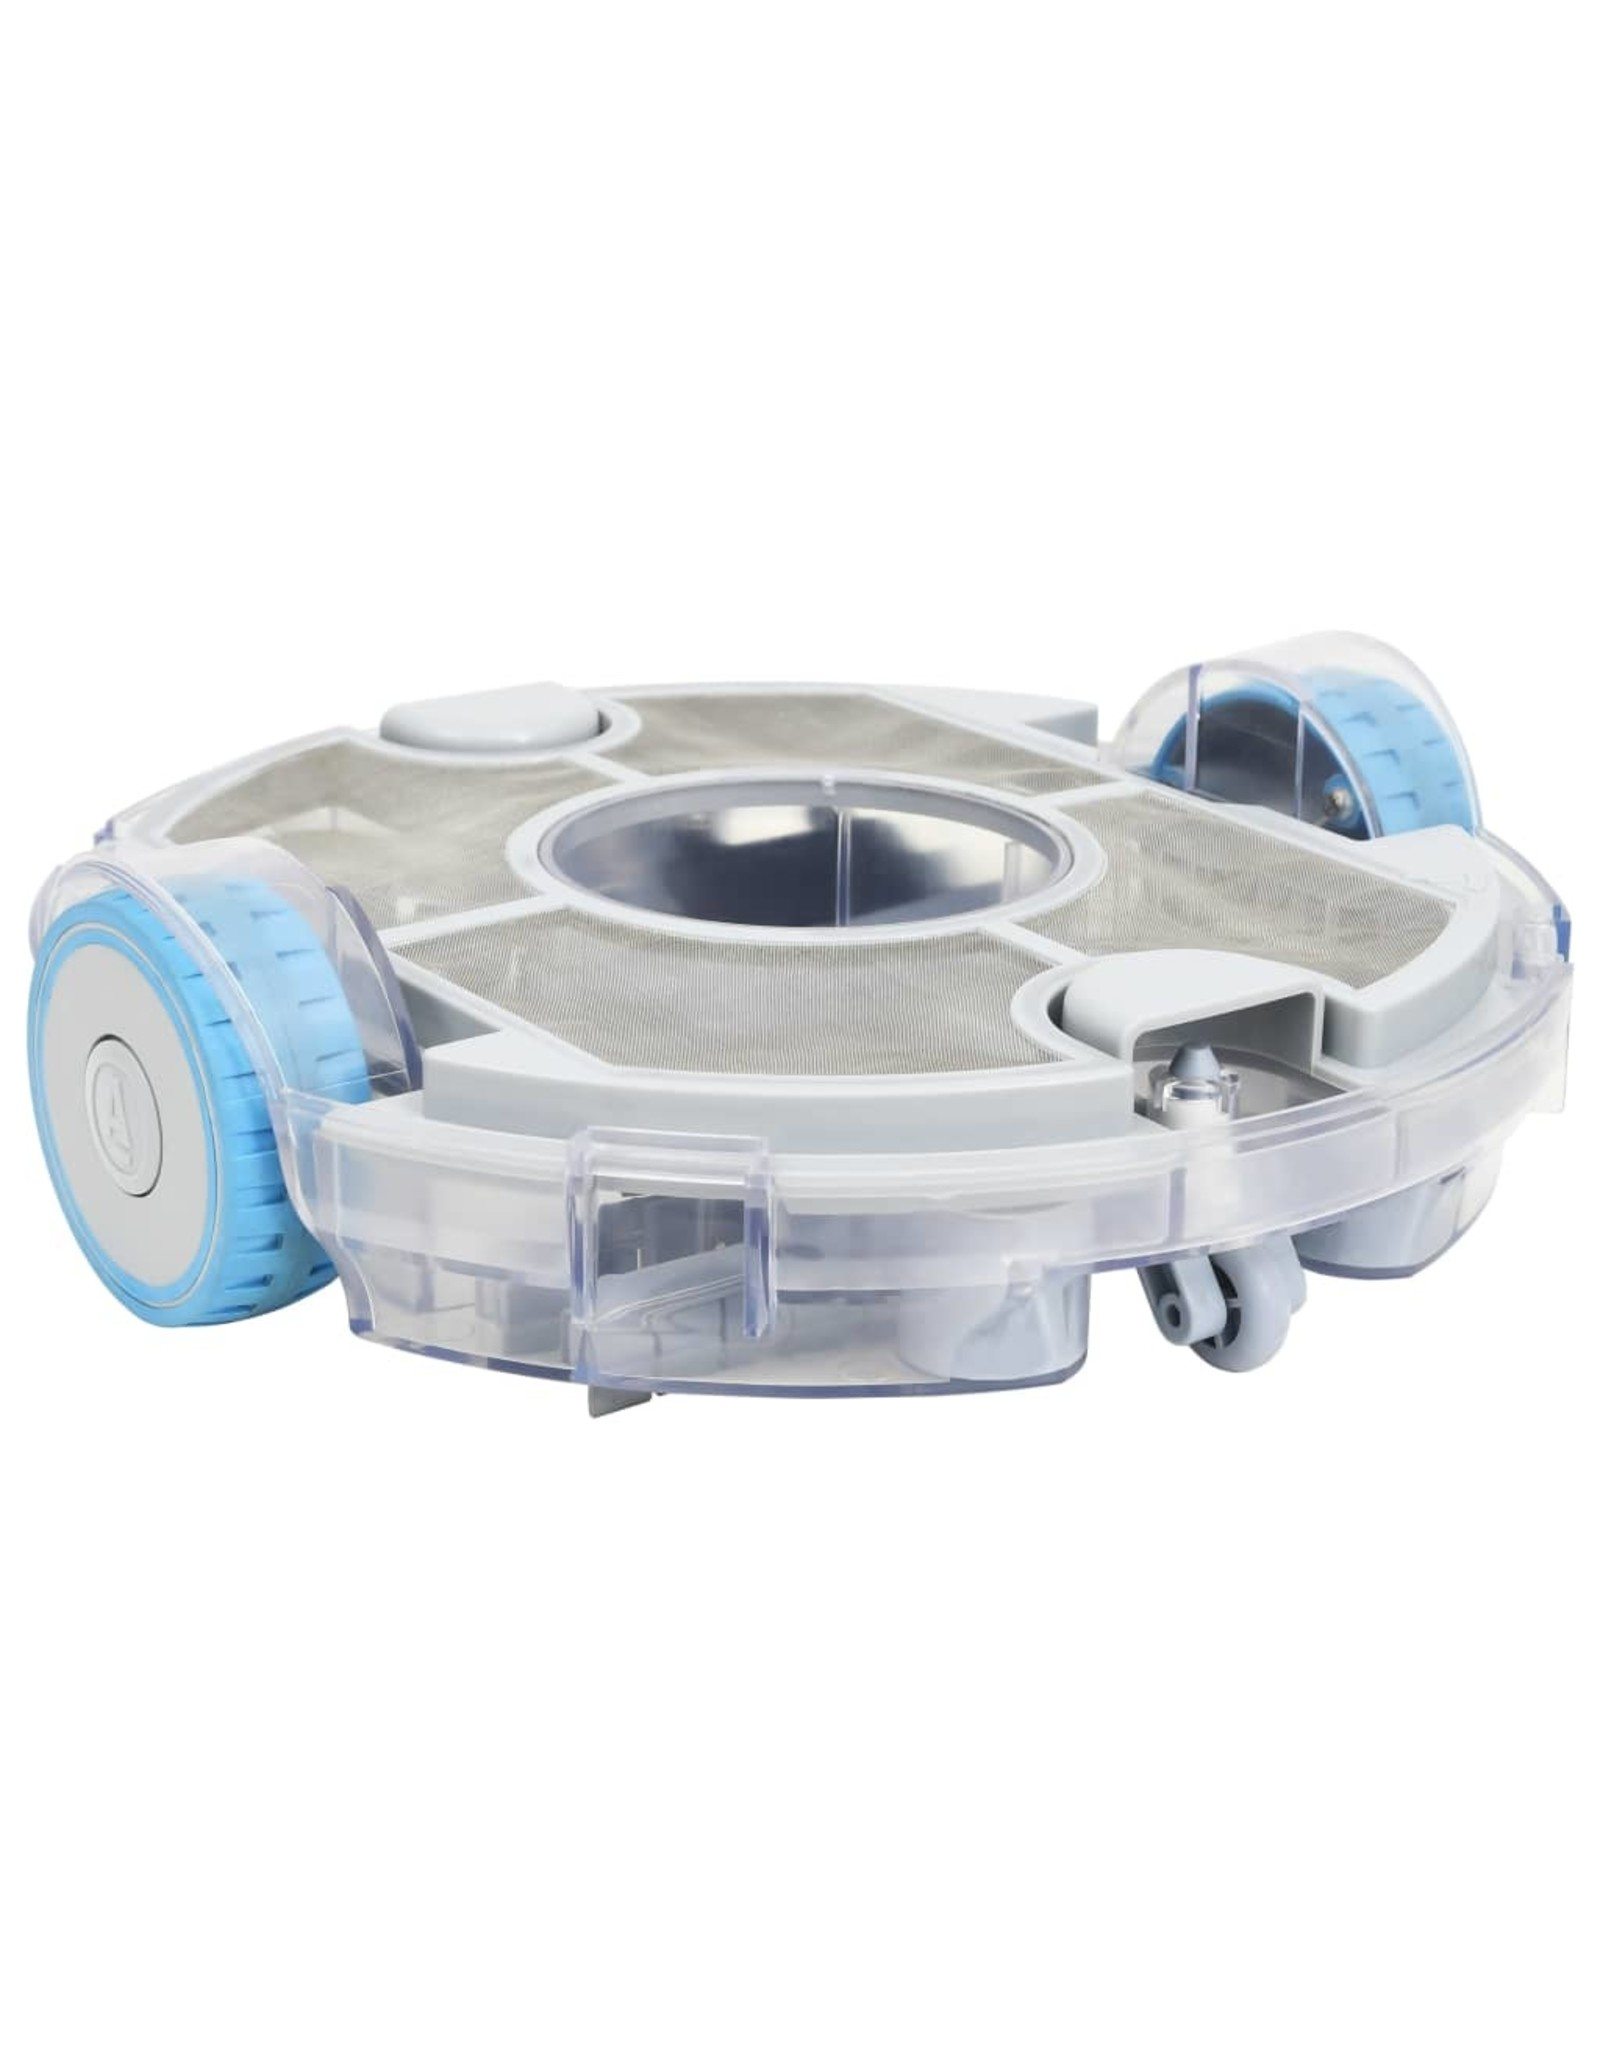 Robotzwembadreiniger accu 27 W